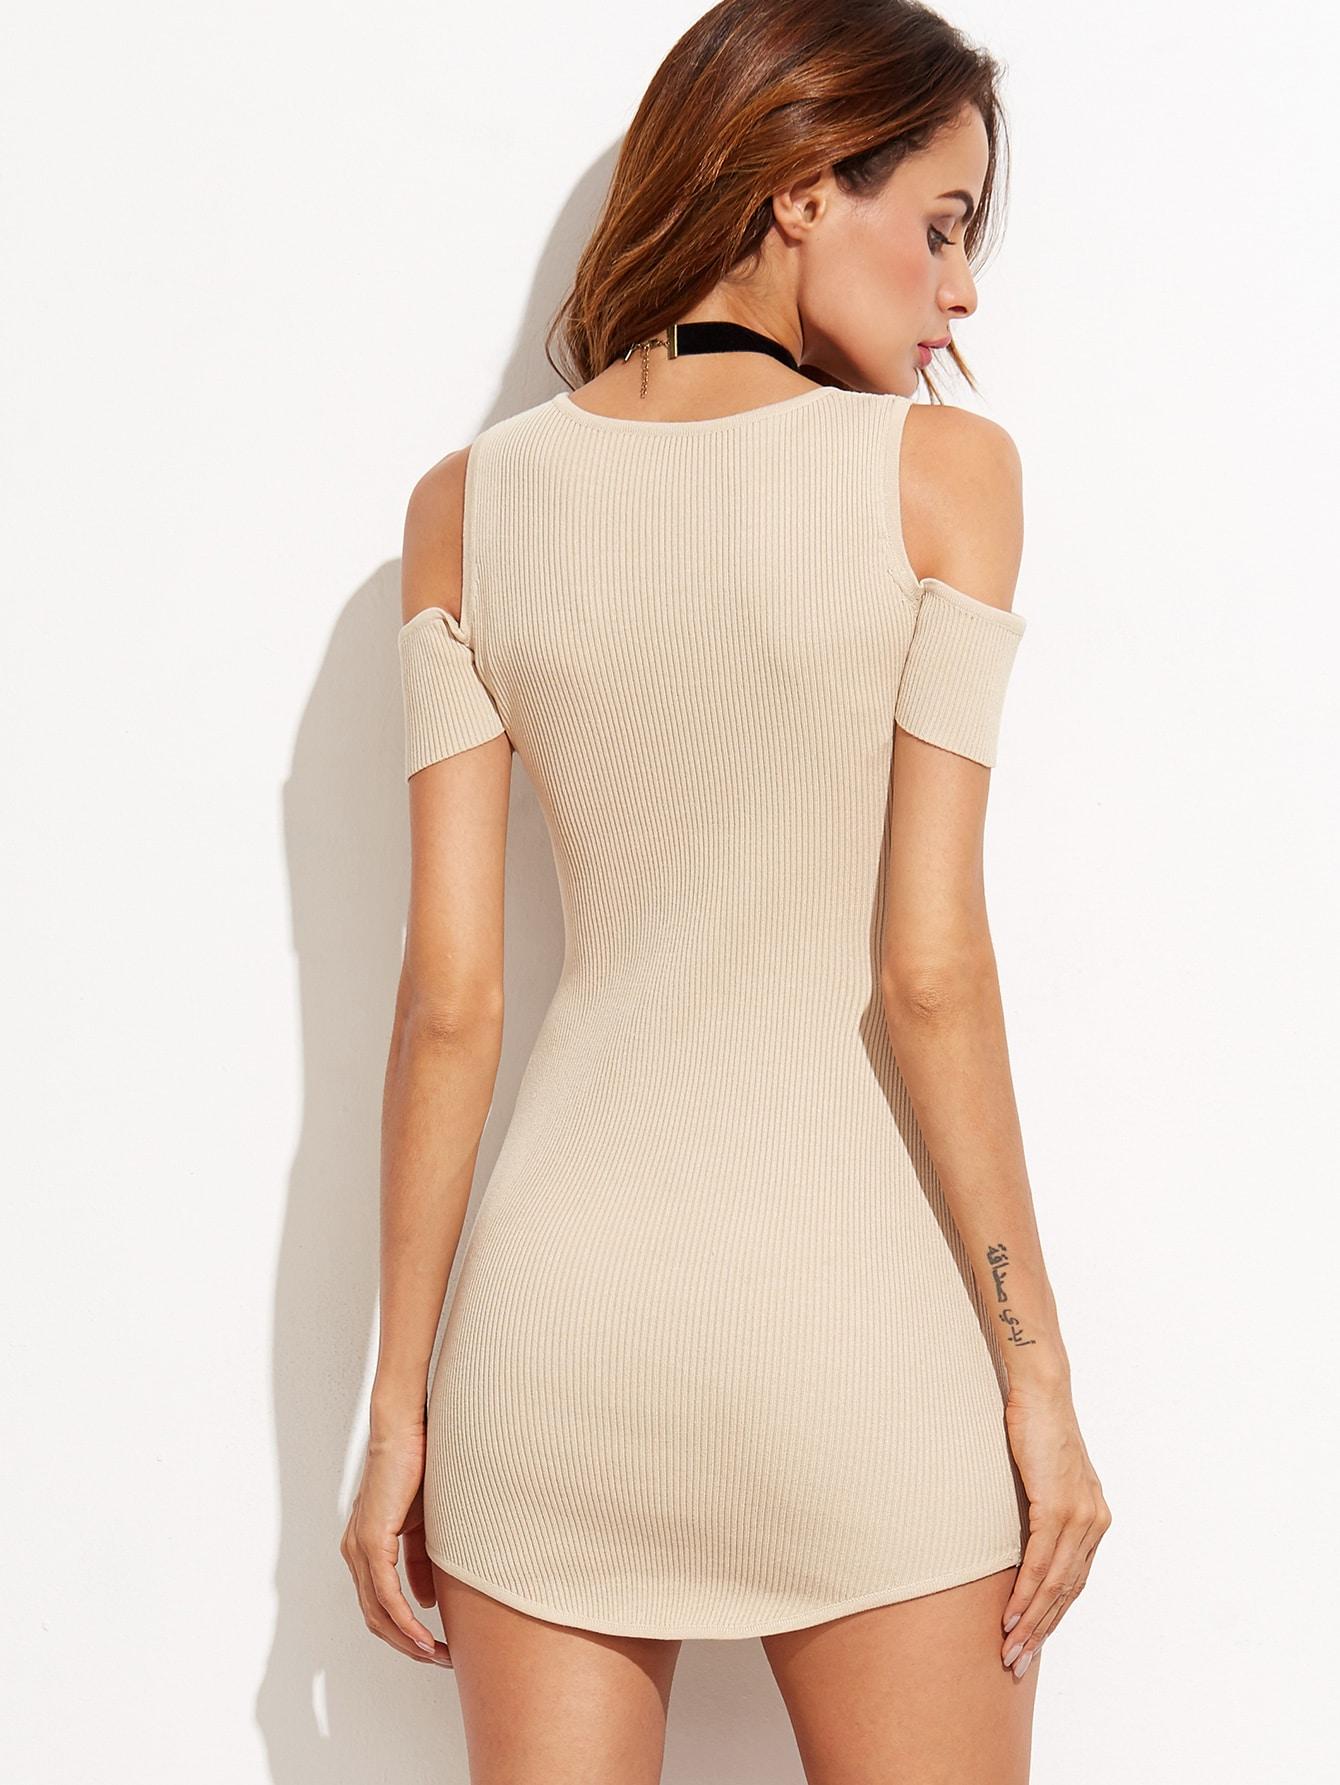 dress160917410_1